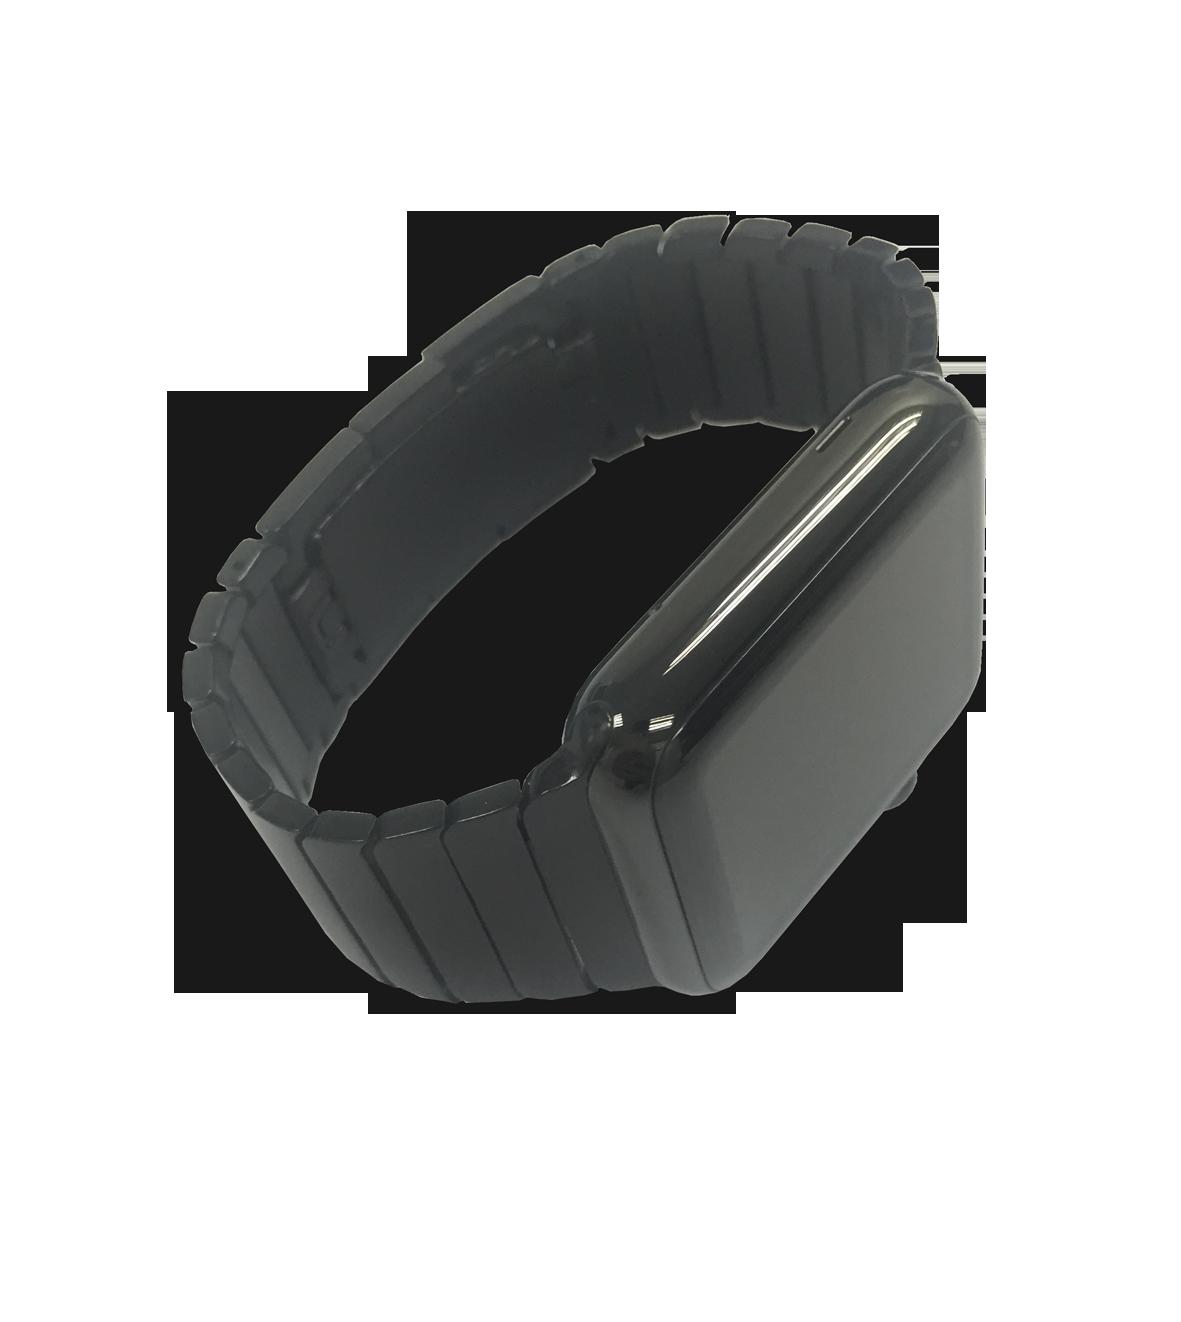 PVD Titanium Black Coating